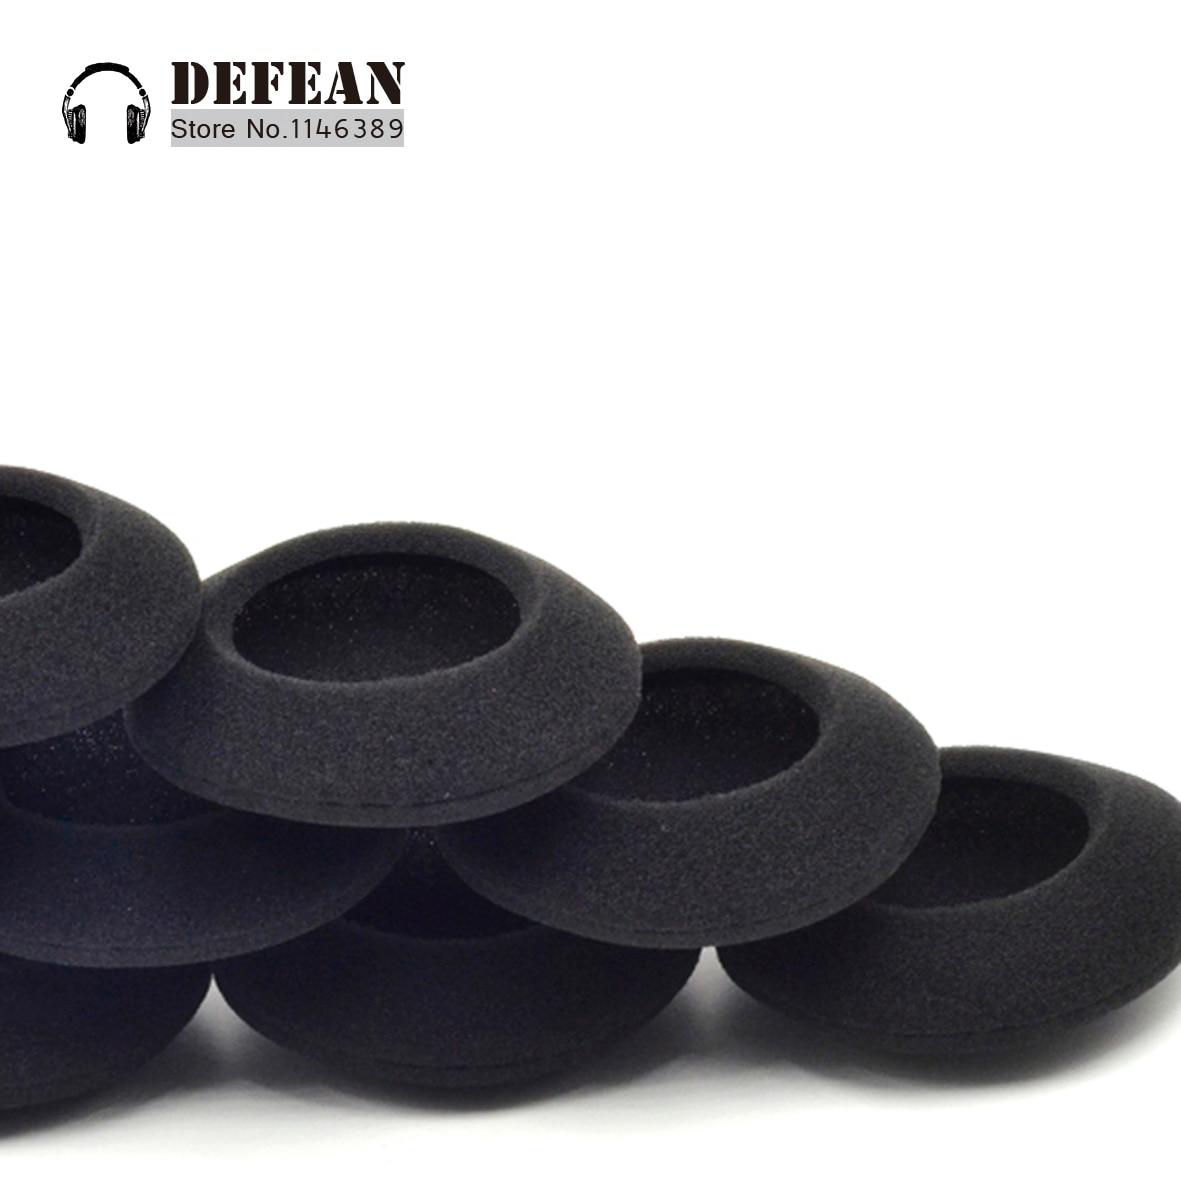 10pcs  foam cushion ear pads for Plantronics Audio 310 470 478 628 626 headphone